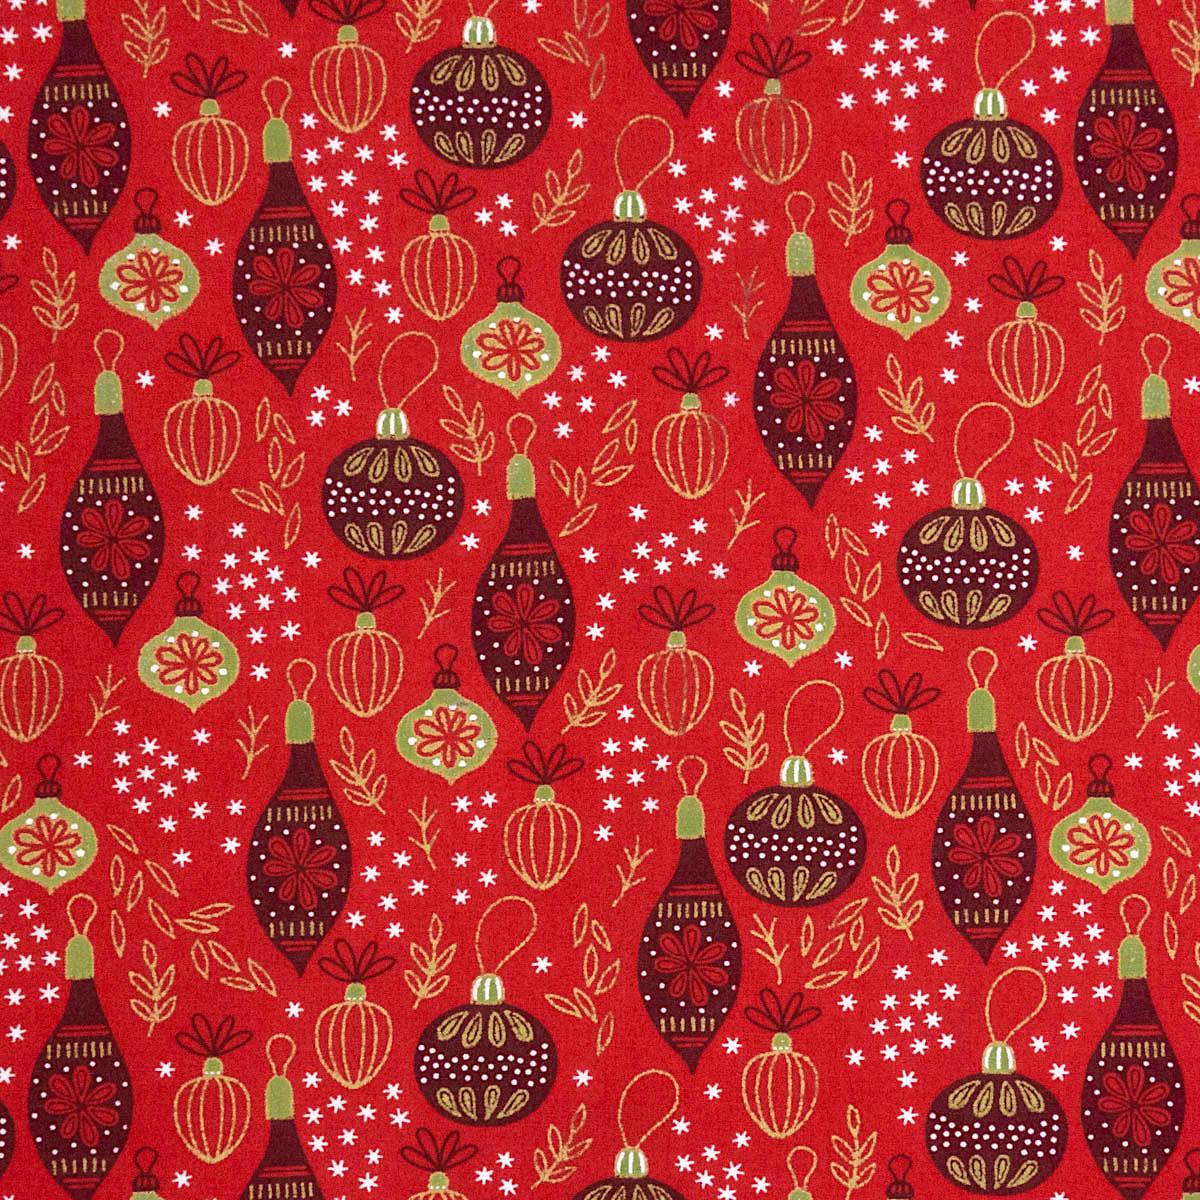 Popeline, Glanzeffekt, Weihnachtsmotive, Gold, Rot